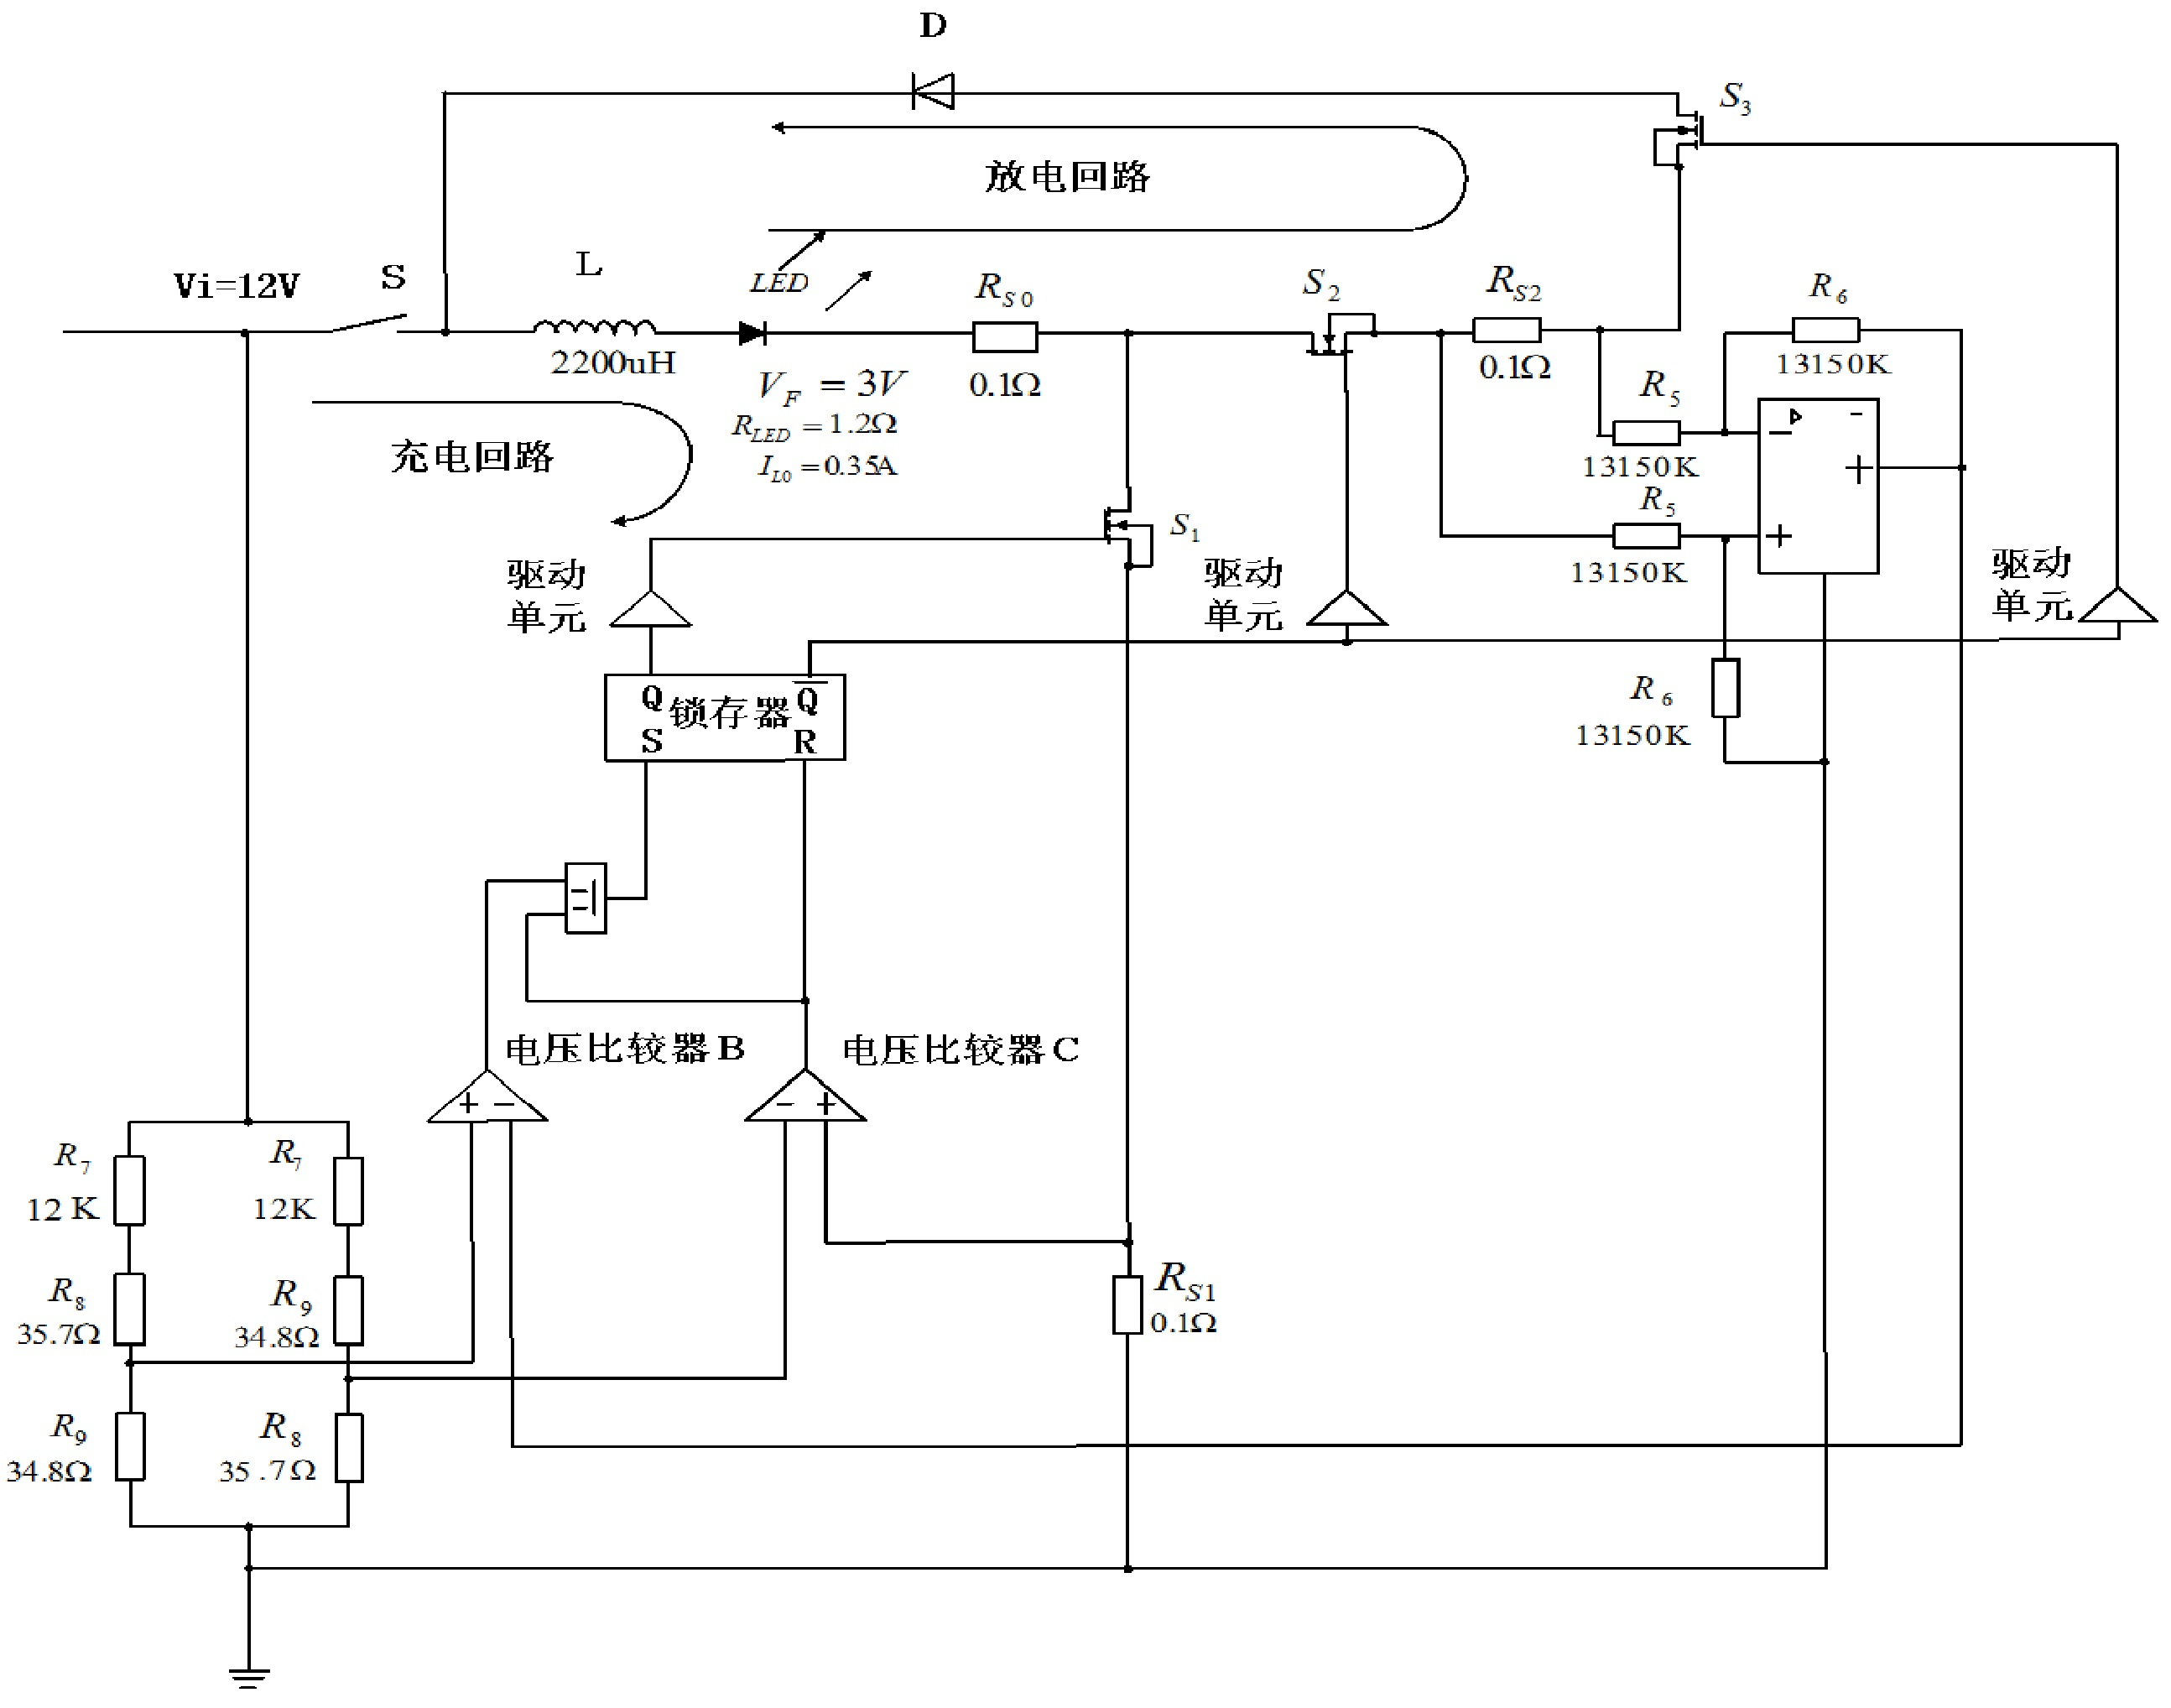 其次,从实现精确控制LED的正向平均电流出发,提出了双峰值电流控制方法。即:在单峰值电流控制的基础上,另增加一套检测电路,用以定量确定电流的下限。这样流过LED的正向电流上、下限都得到了控制。因而,在很大程度上减小了平均电流的稳态误差。在此思想的指导下,完成了主体电路的设计,包括电源电路、隔离缓冲电路、充放电回路电路以及检测控制电路,并就具体的工作原理作了分析。